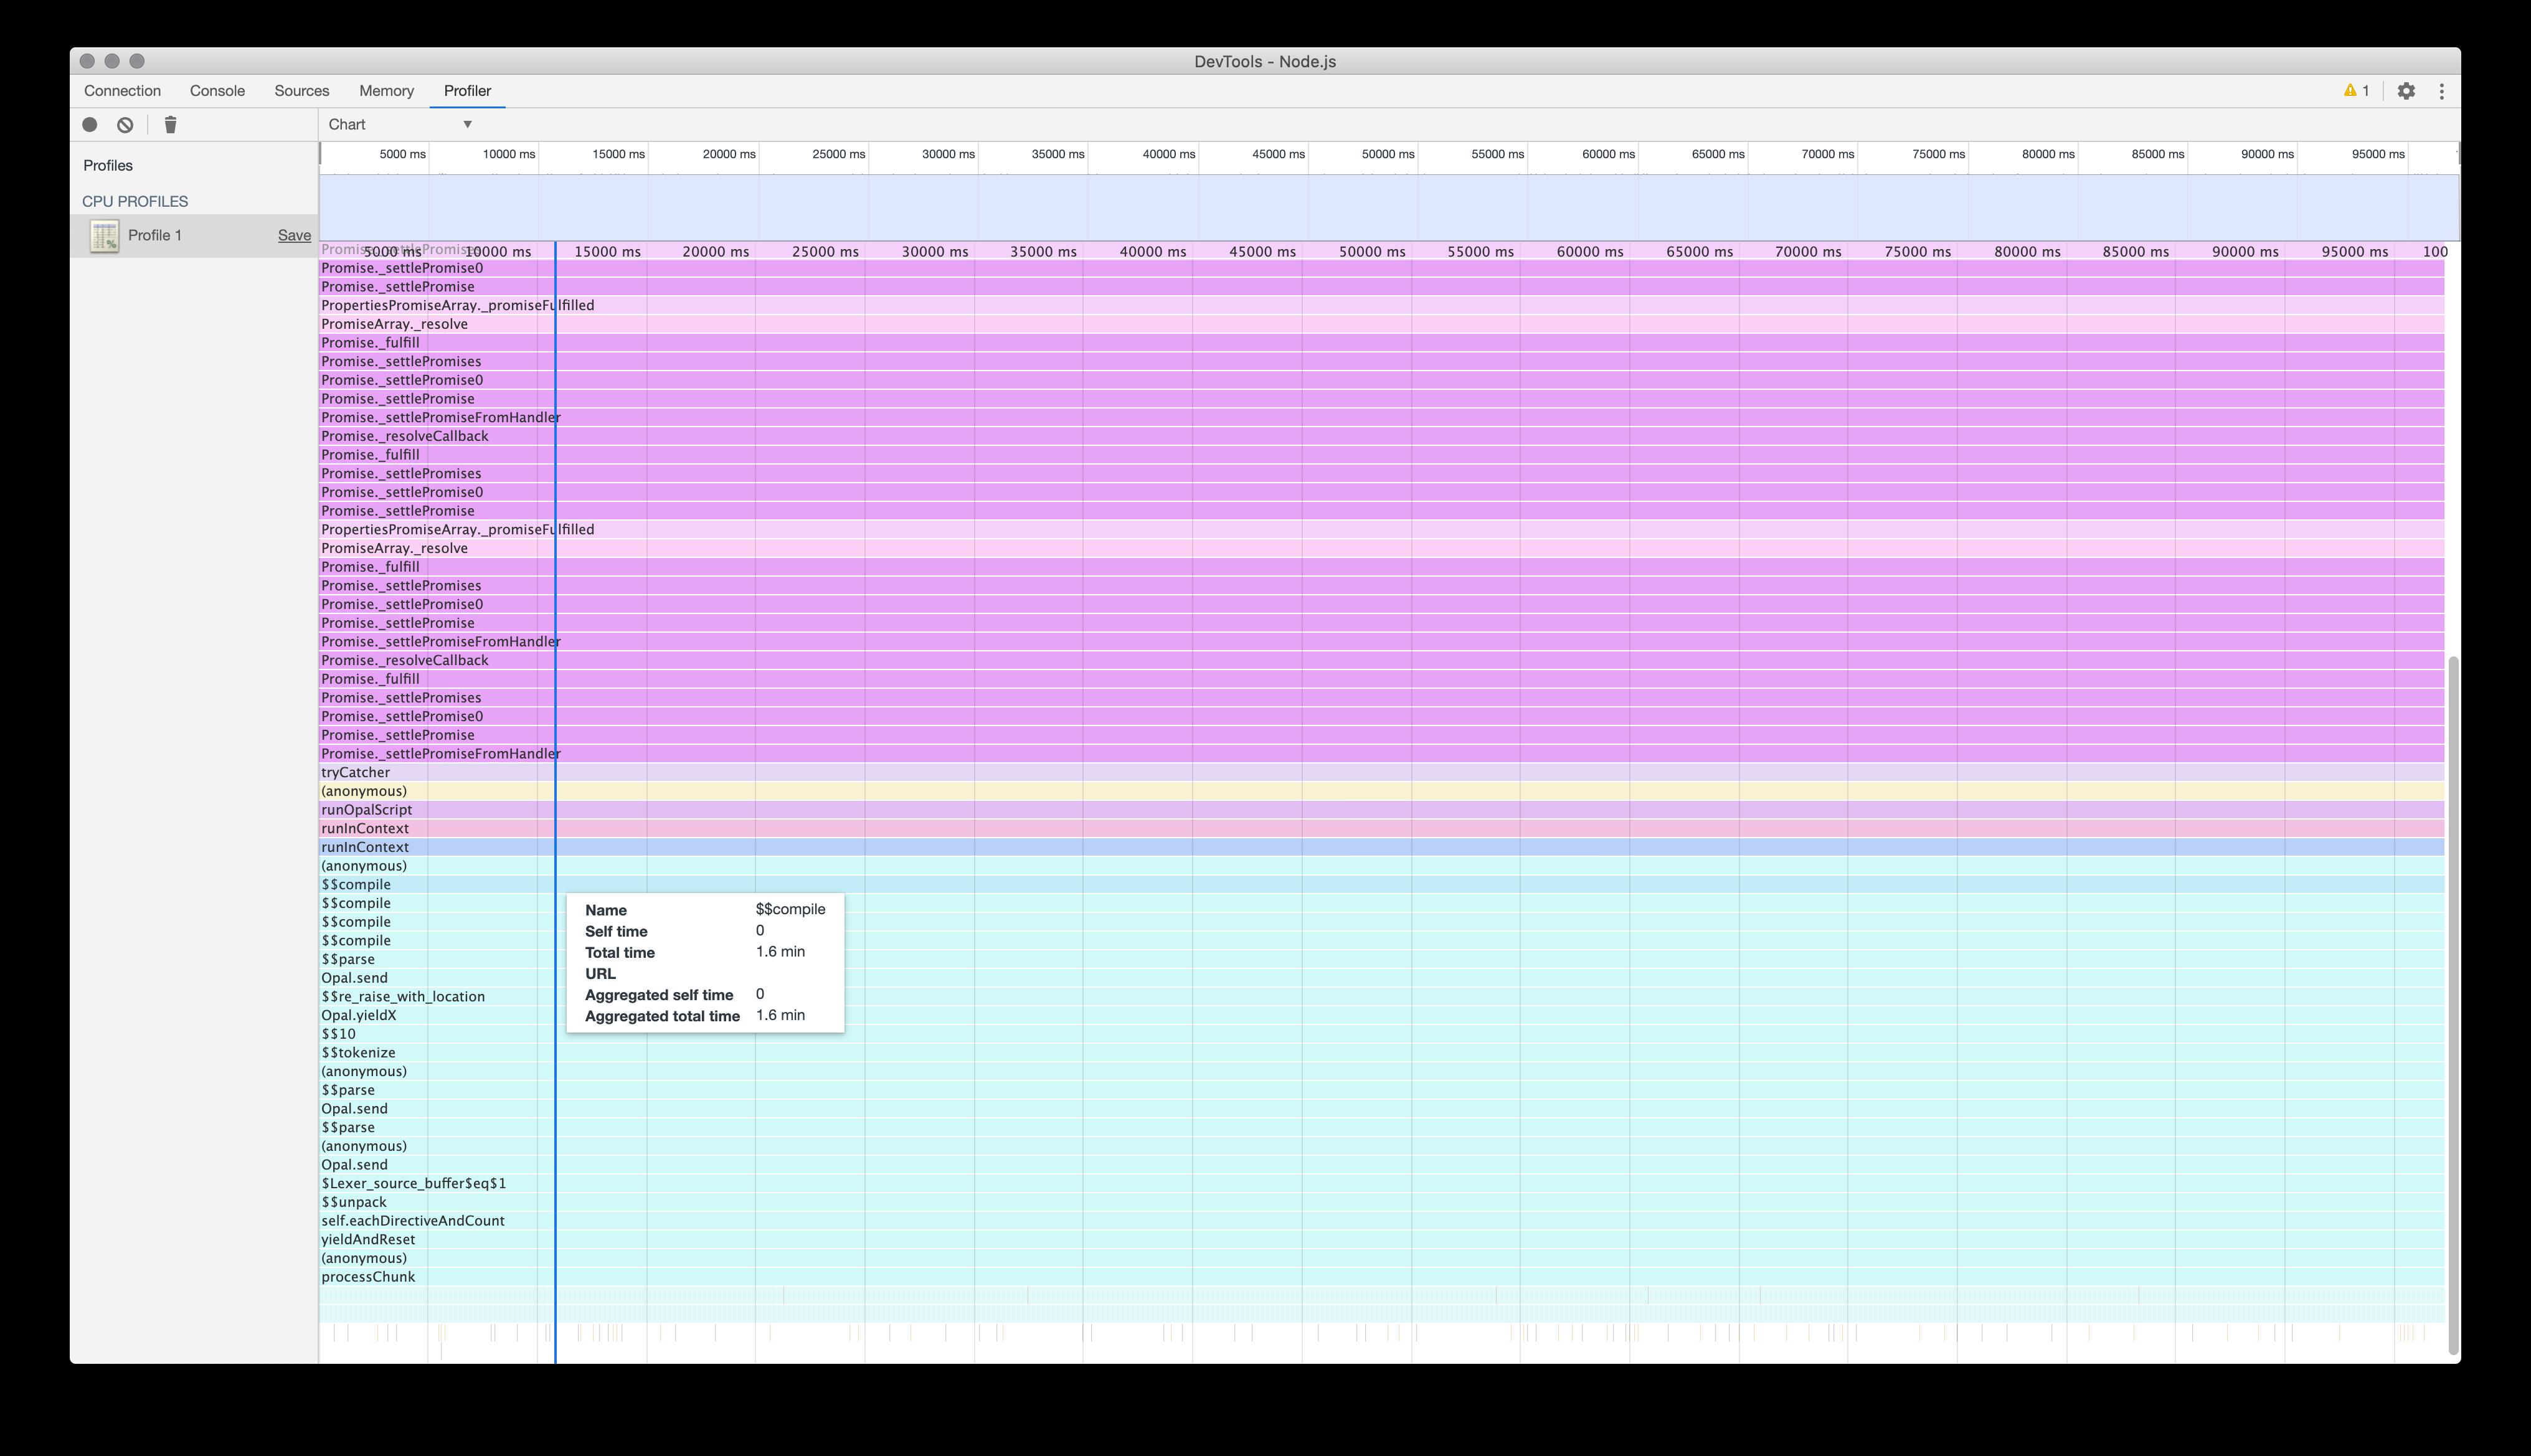 Screenshot 2020-10-13 at 13 59 39